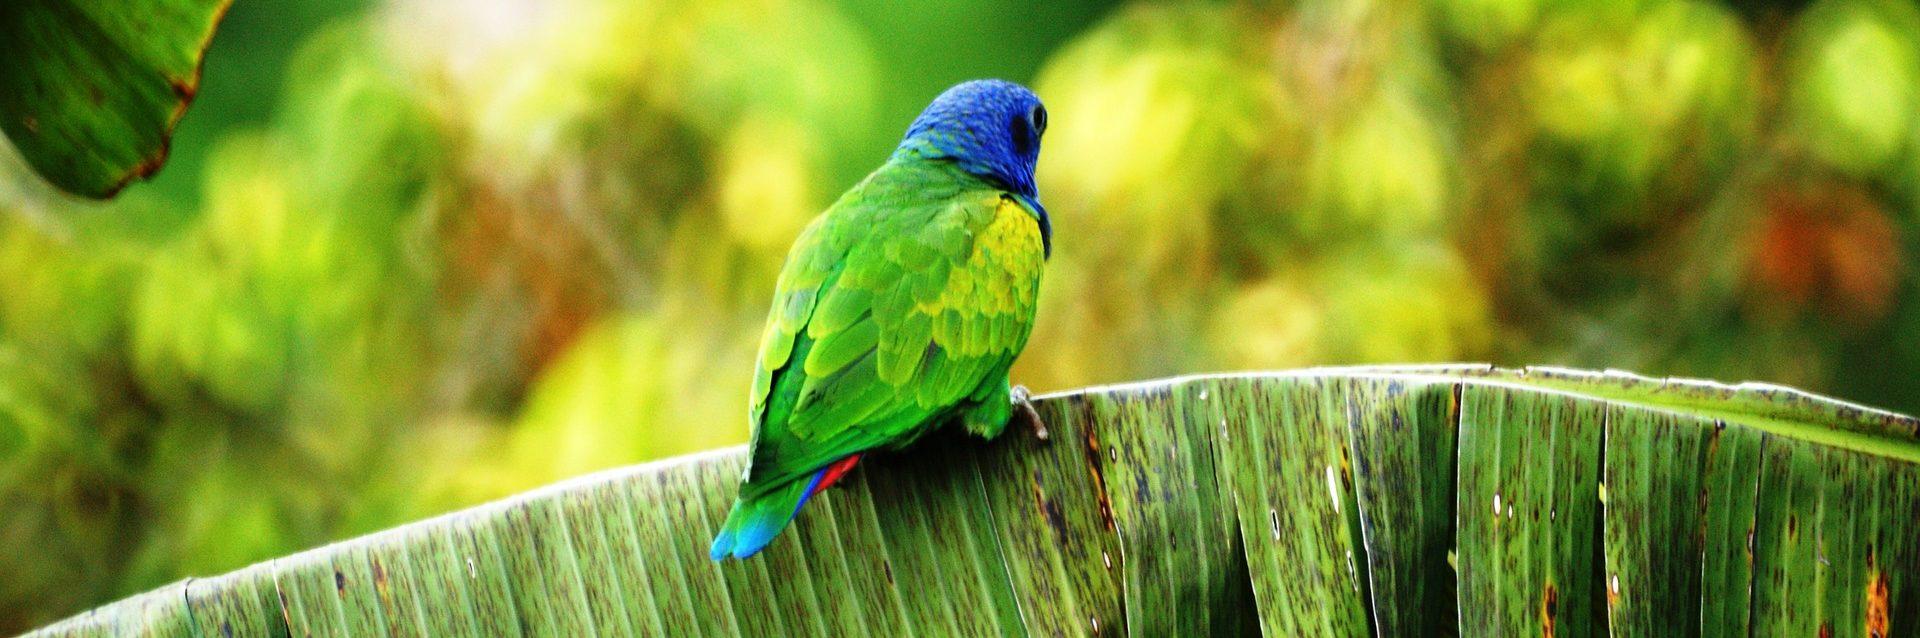 ein Papagei auf einem Bambusblatt